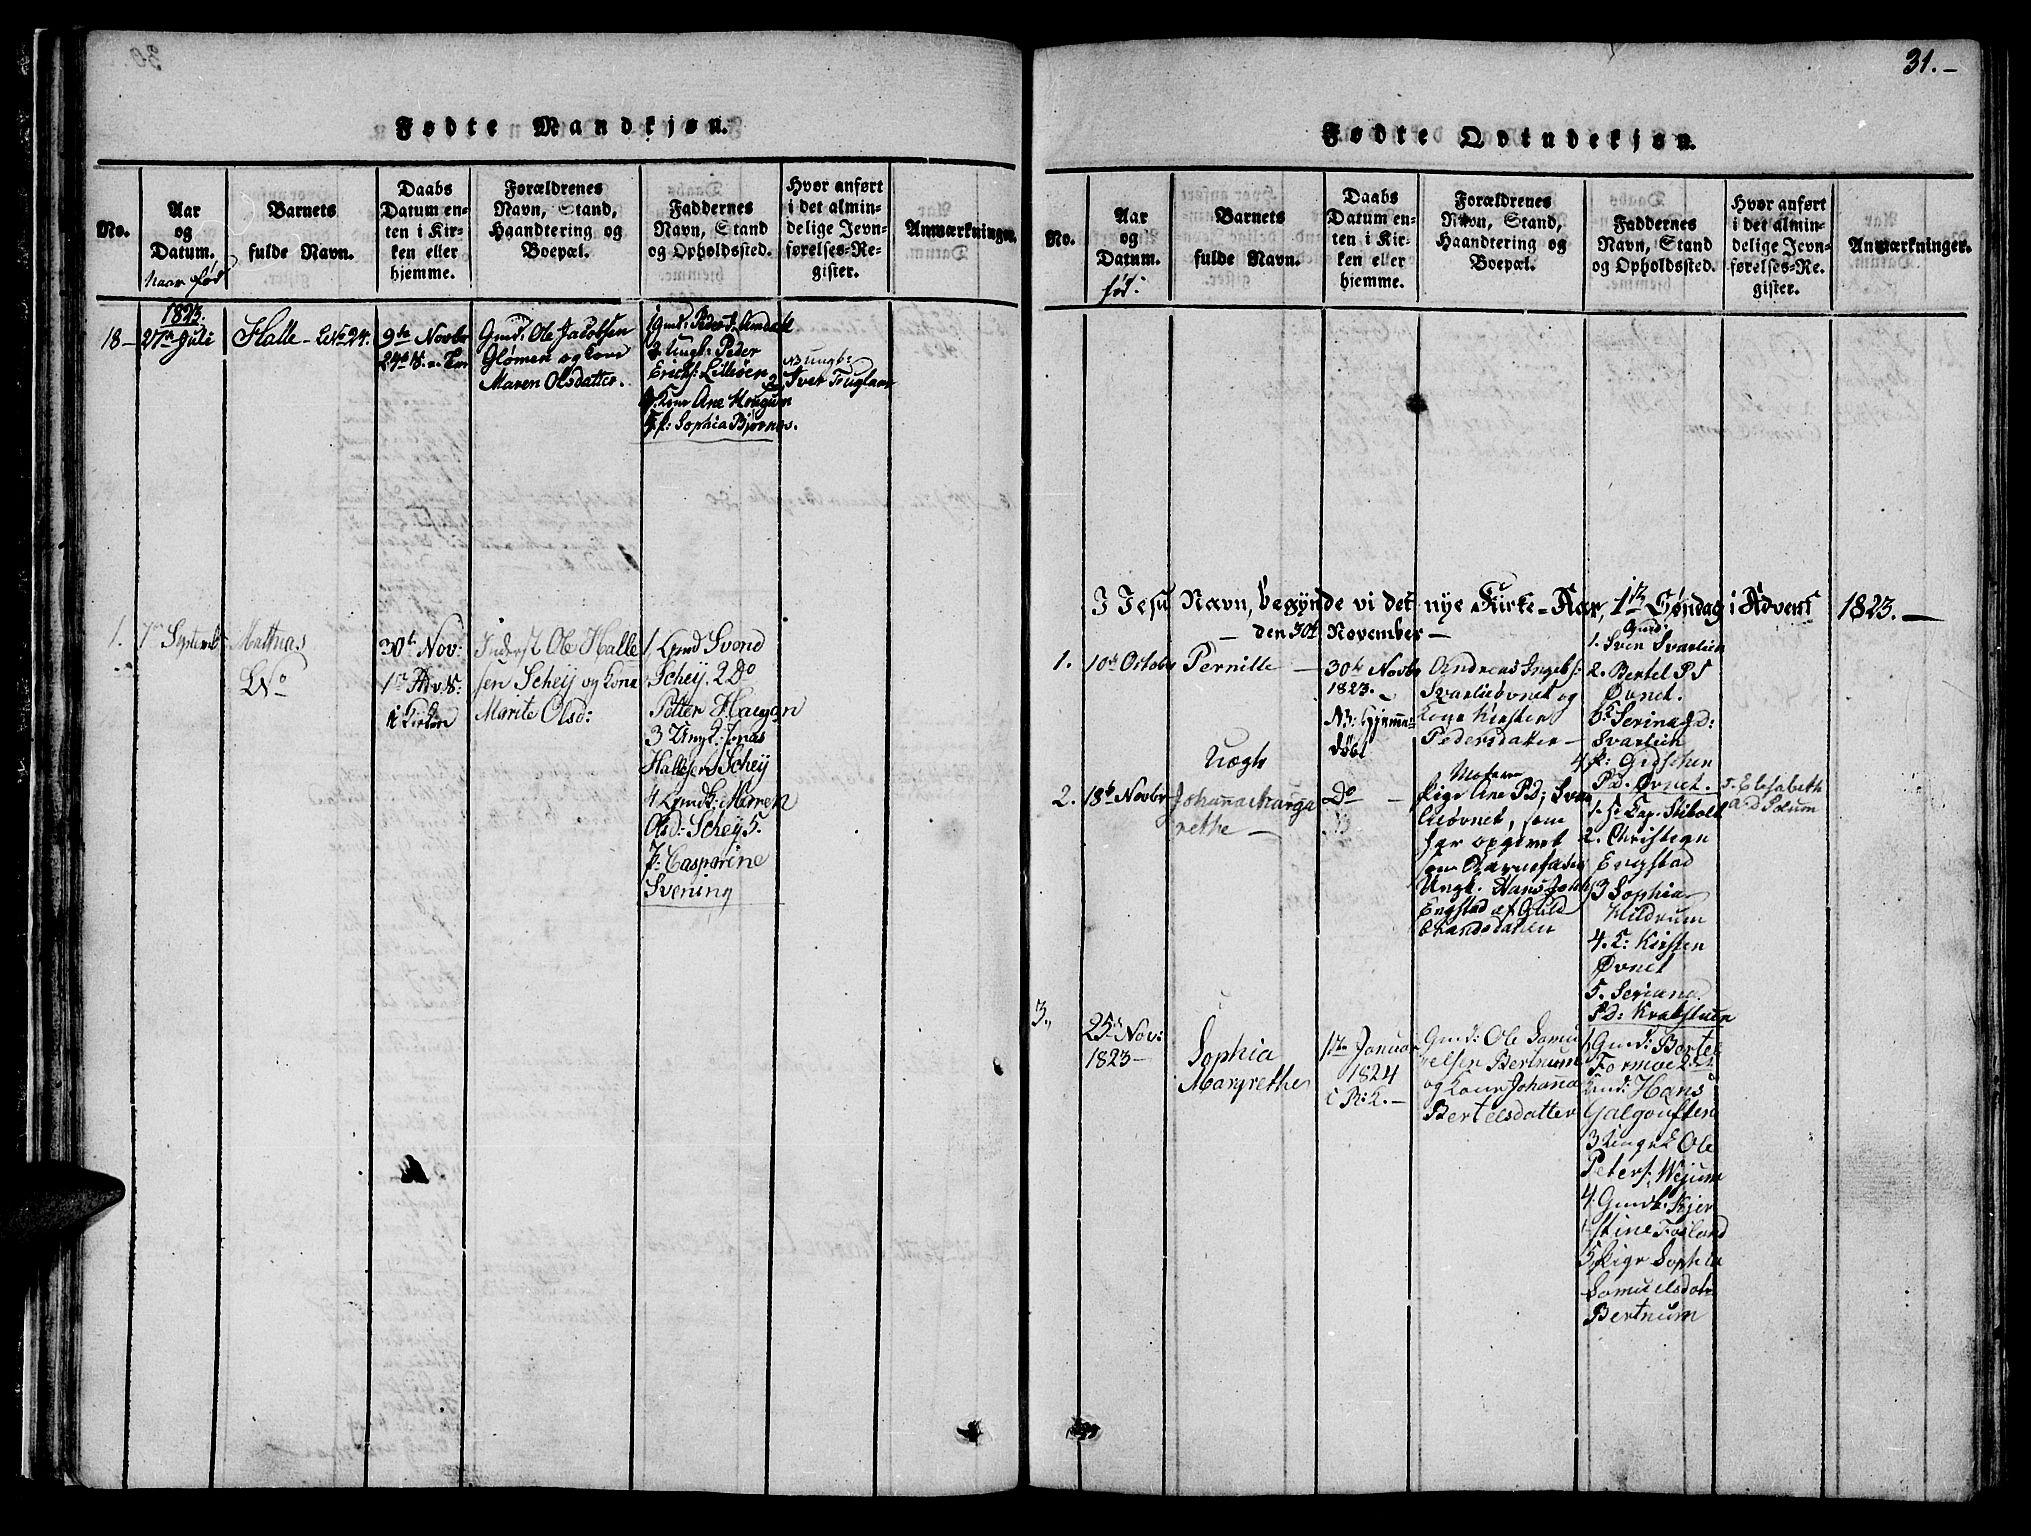 SAT, Ministerialprotokoller, klokkerbøker og fødselsregistre - Nord-Trøndelag, 764/L0559: Klokkerbok nr. 764C01, 1816-1824, s. 31